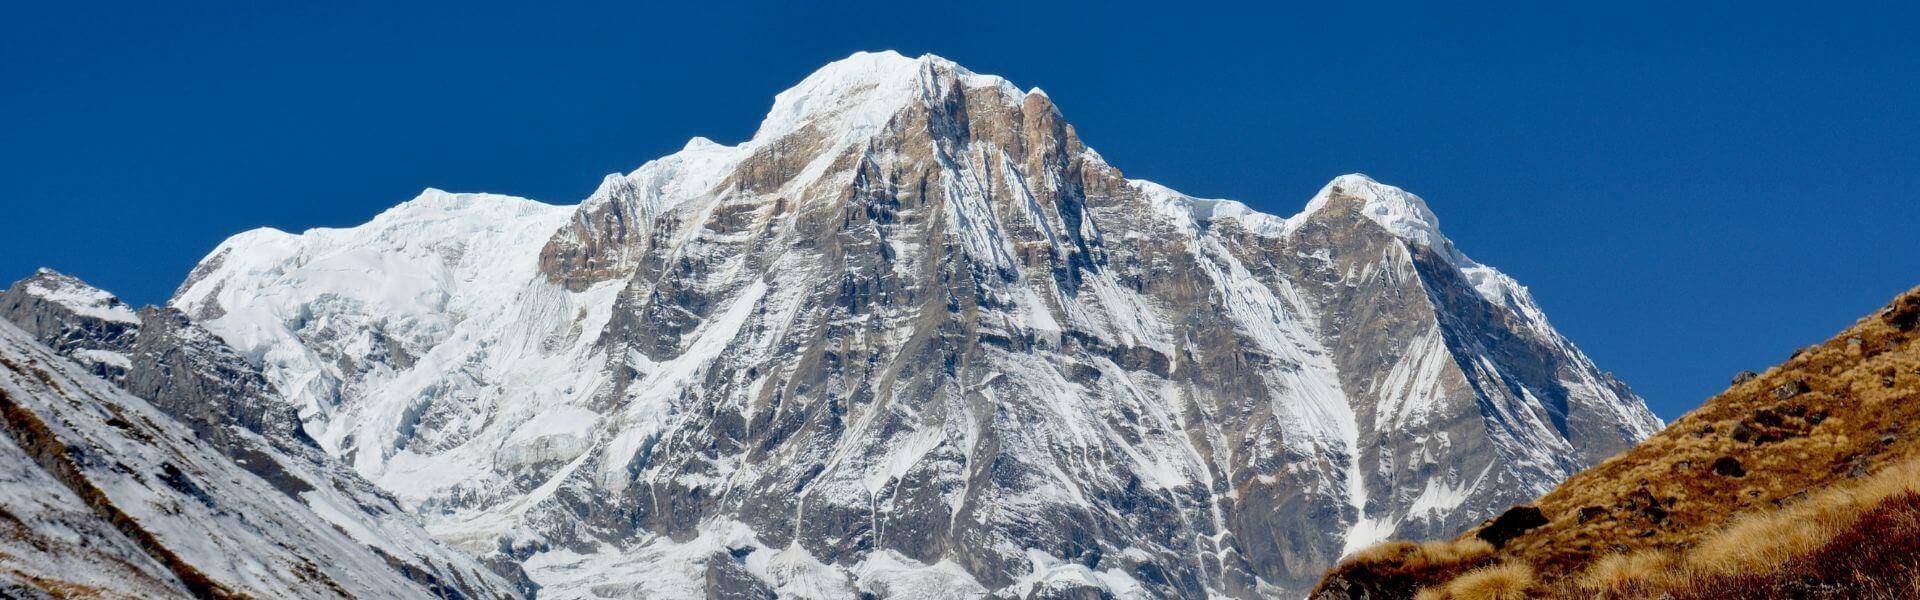 Annapurna Base Camp Trek Blog